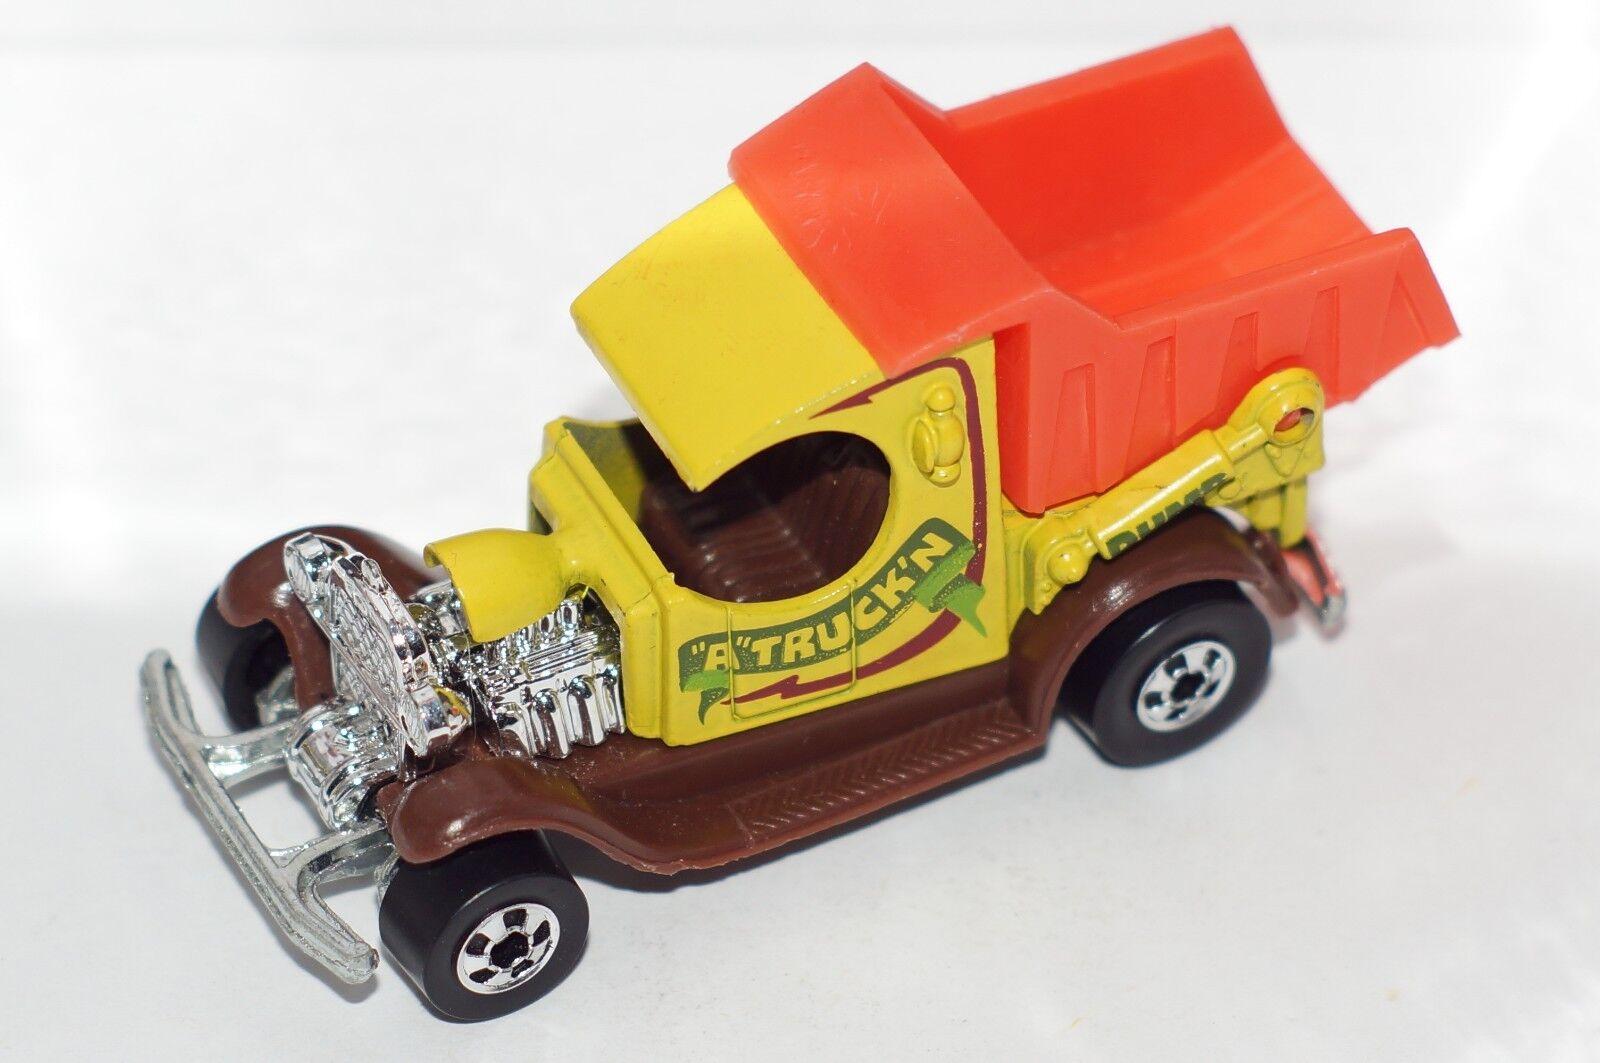 Hot Wheels Antiguo Original pero Golosinas-Dumpin 'a-Amarillo-Bws-base De Metal